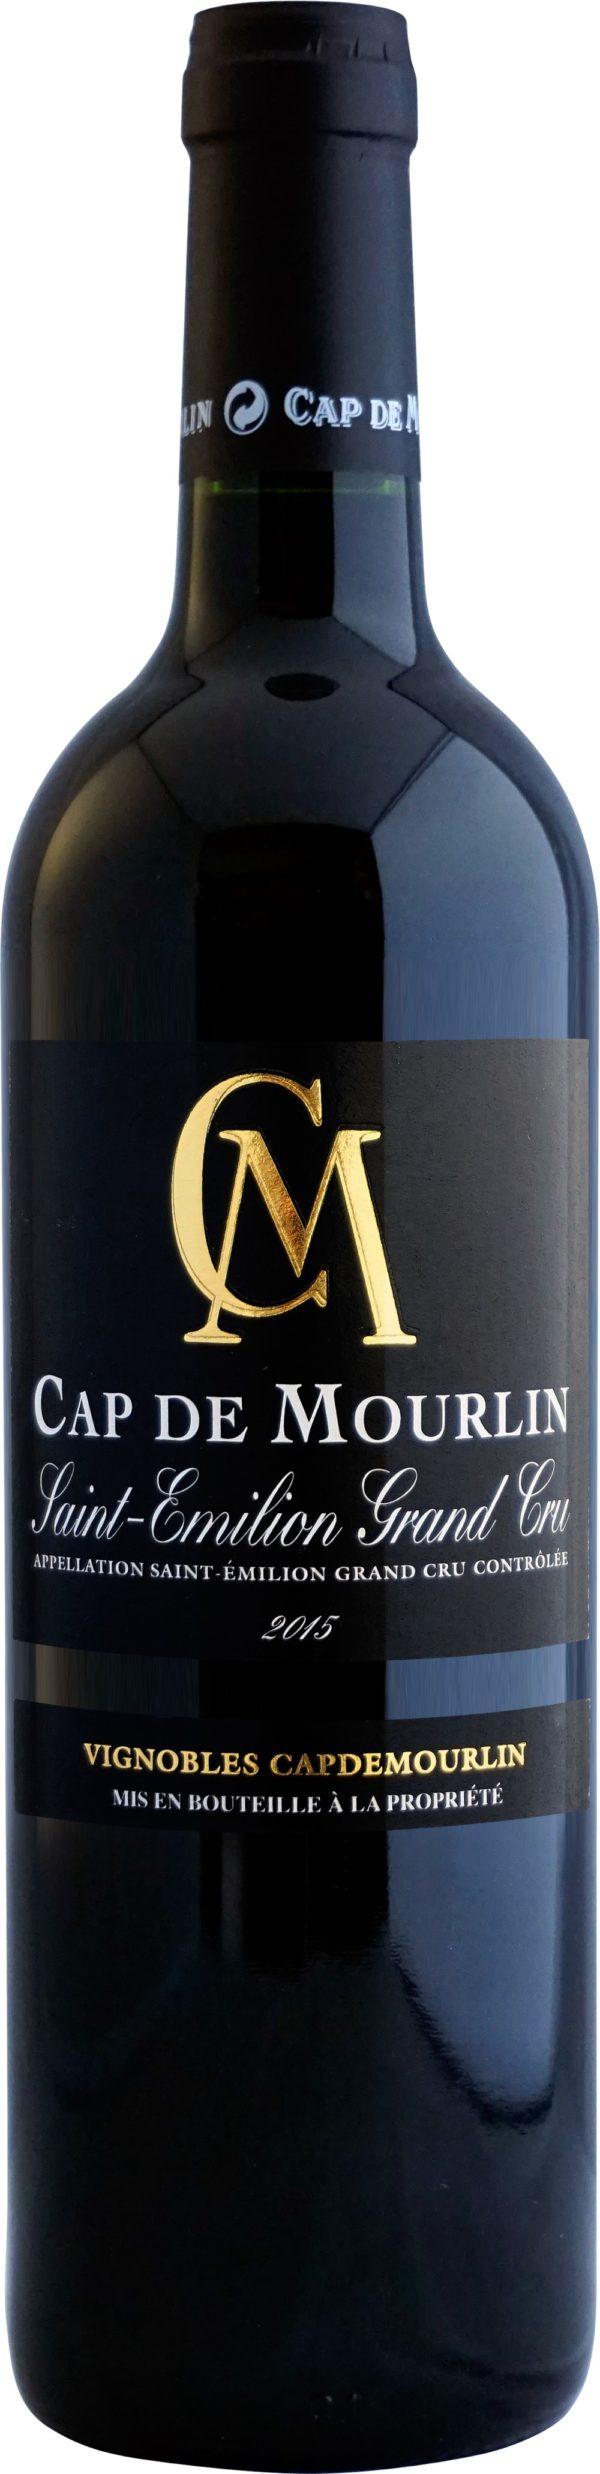 CM Cap de Mourlin 2015